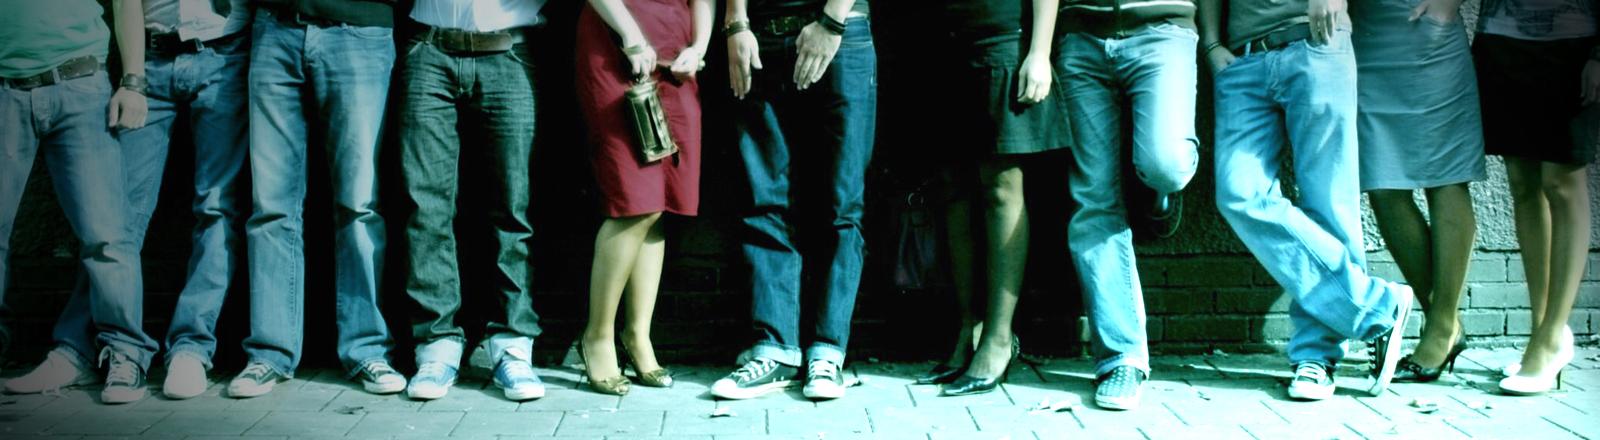 Männer in Jeans und Frauen in Röcken stehen nebeneinander an eine Wand gelehnt. Es sind nur die Beine zu sehen.